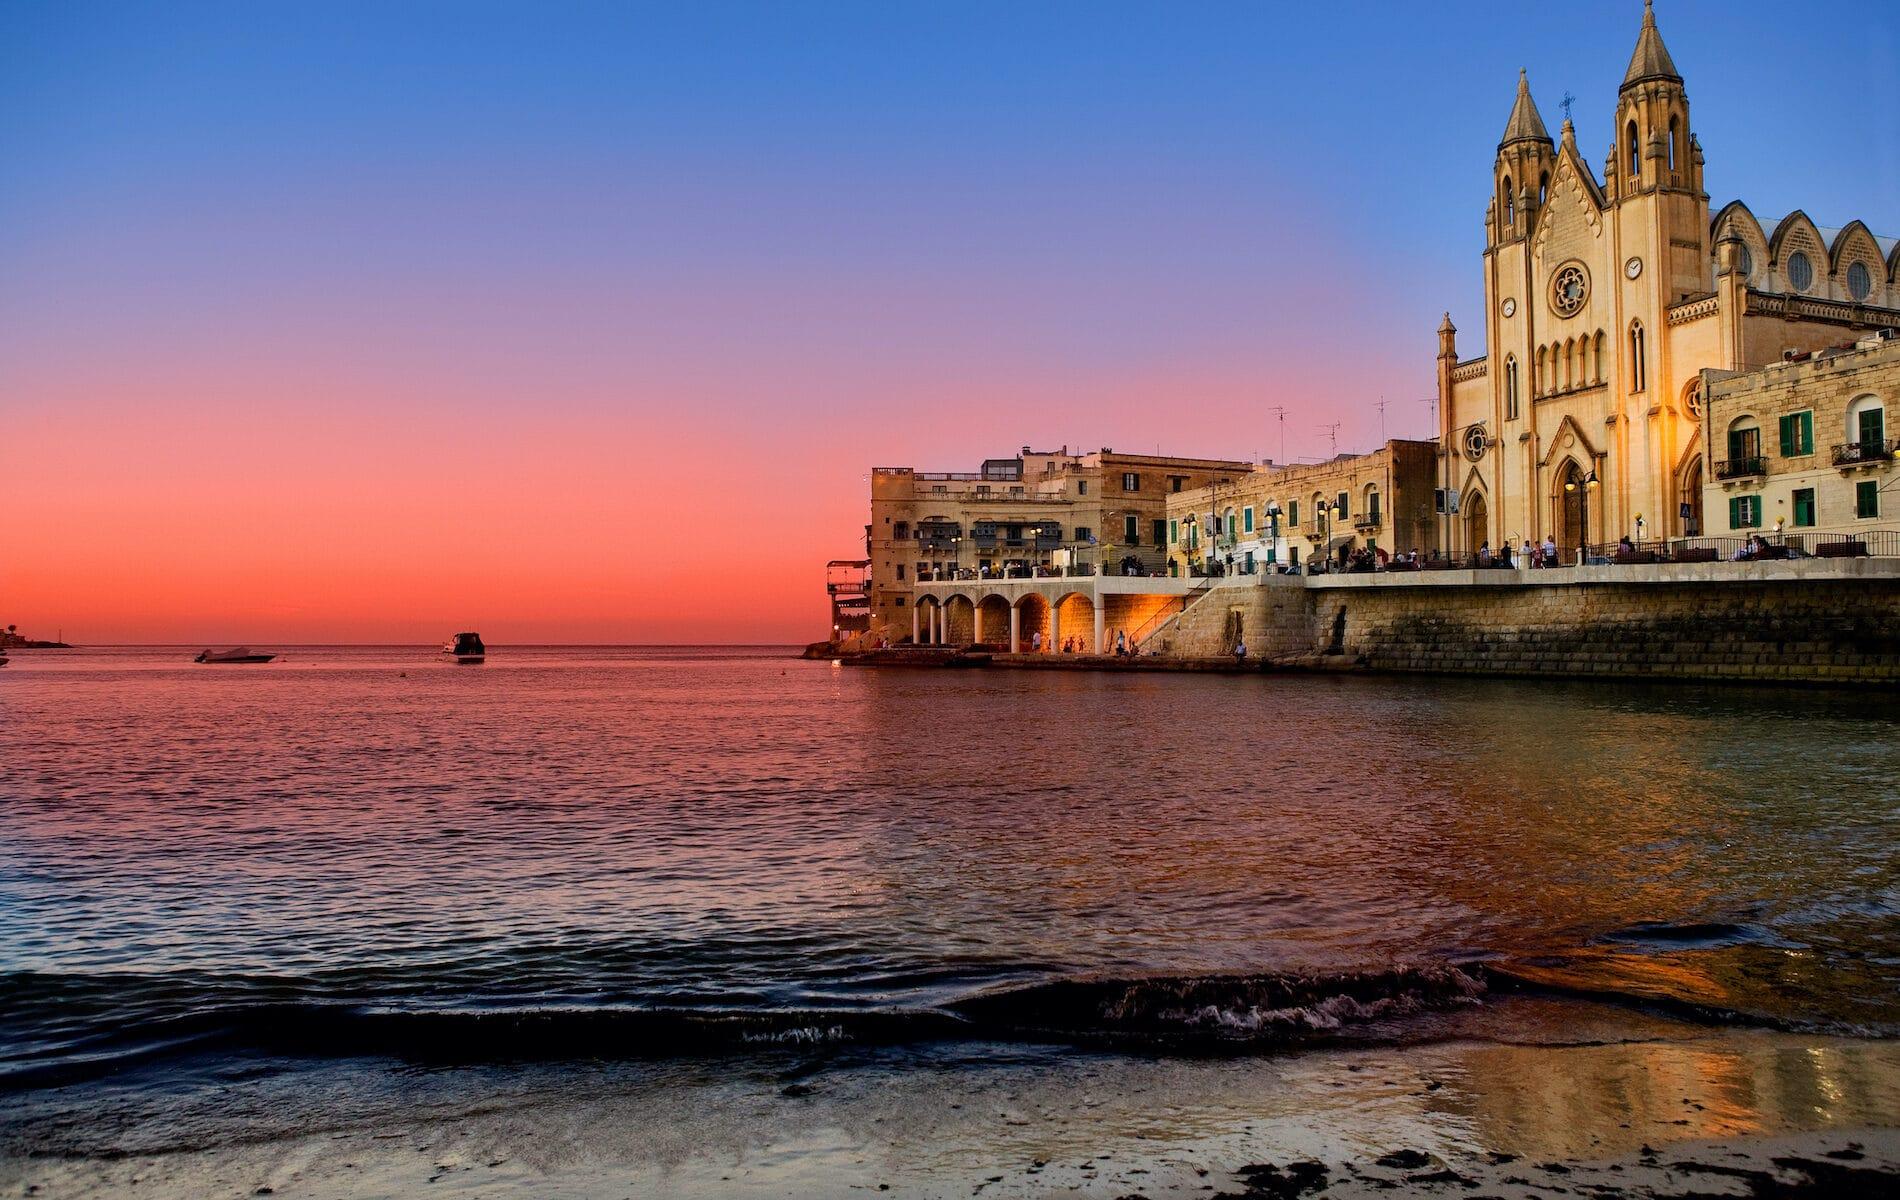 St. Julians Bay in Malta